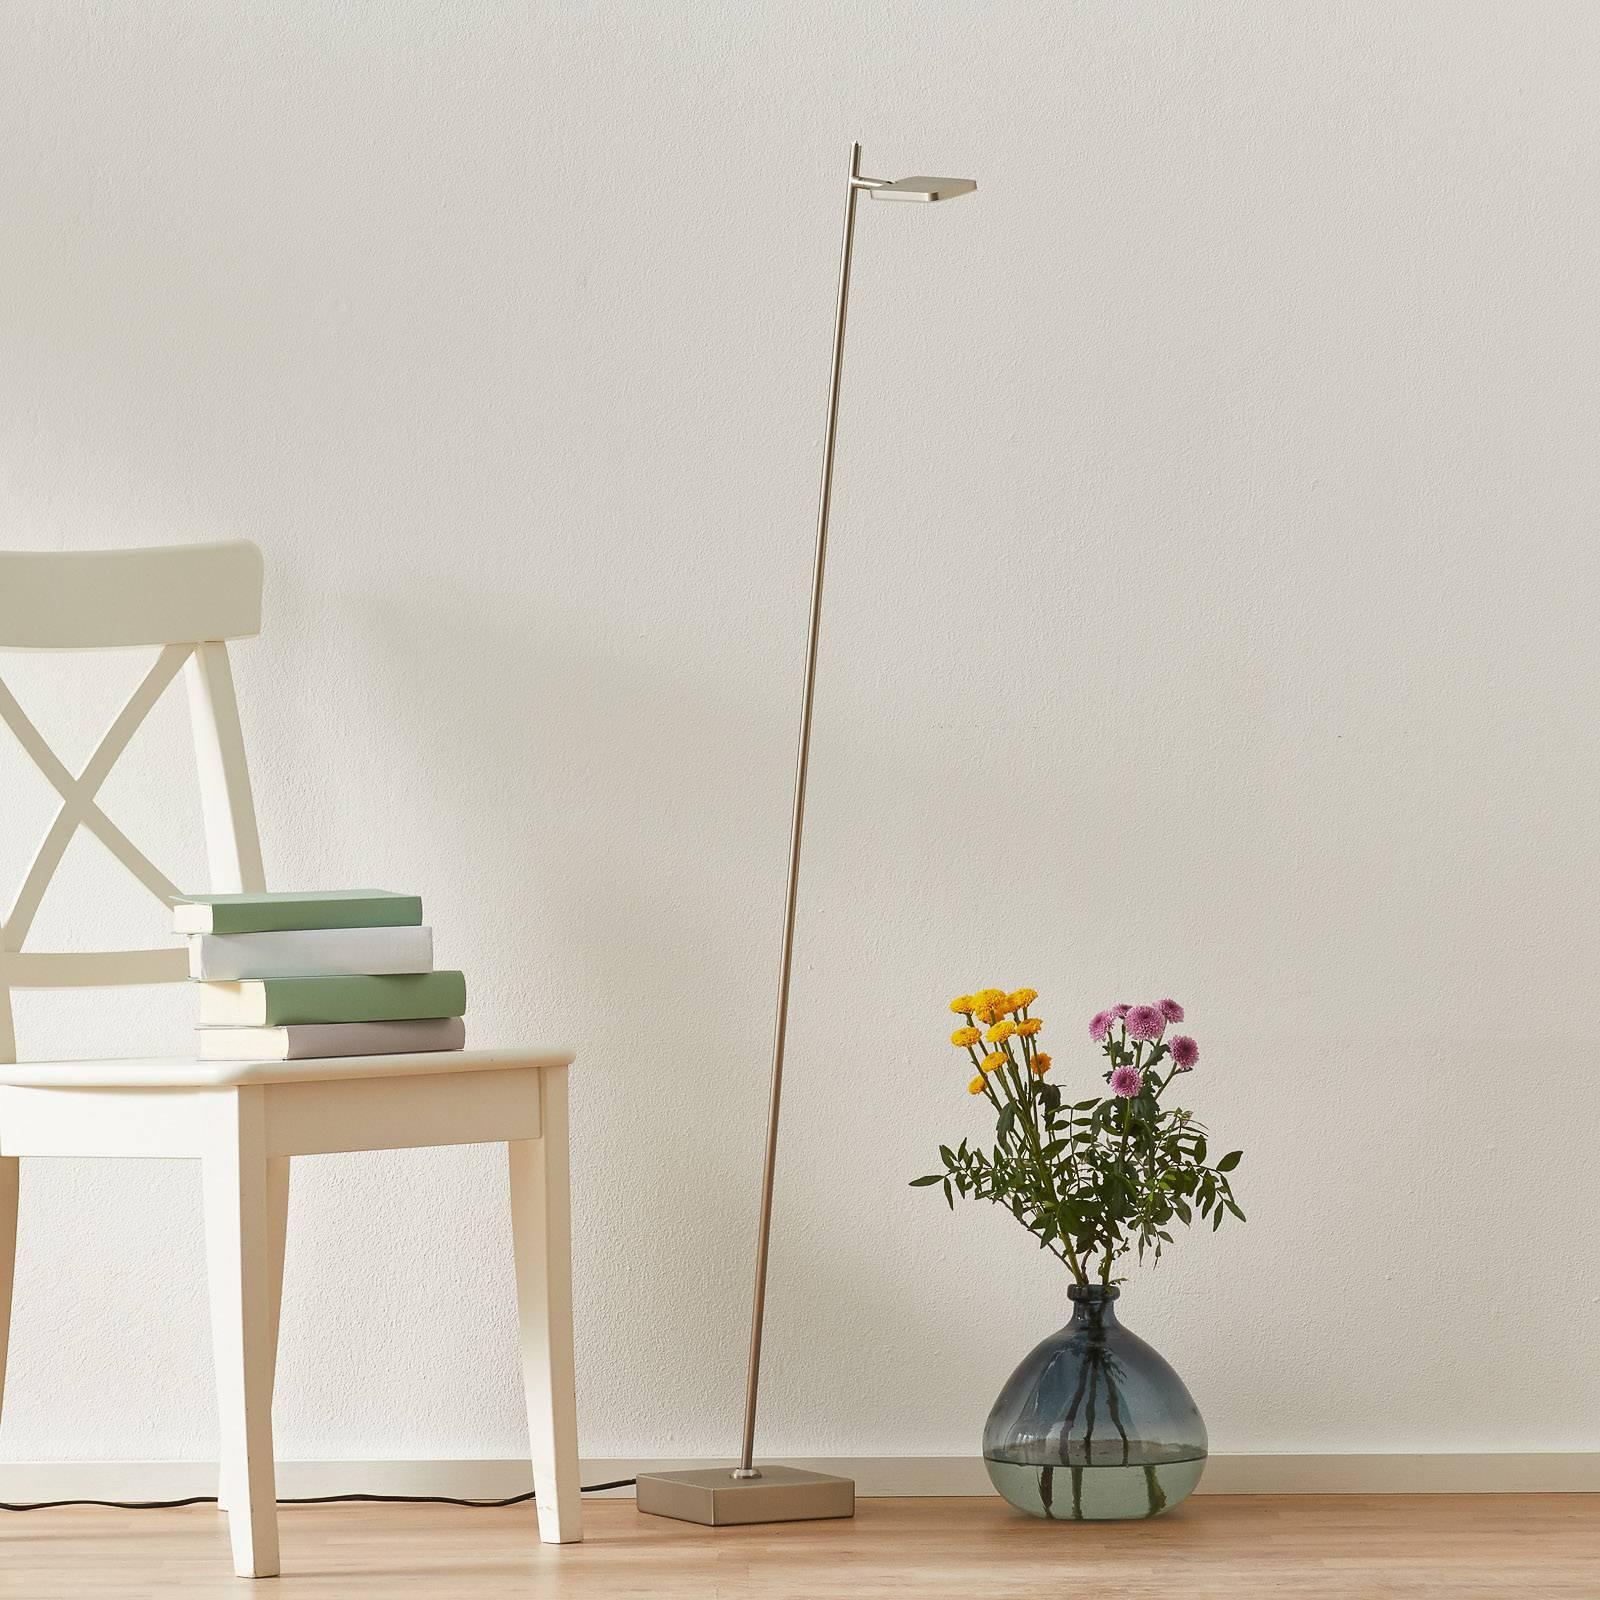 Lampa stojąca LED Block, 1-punktowa, kolory stali